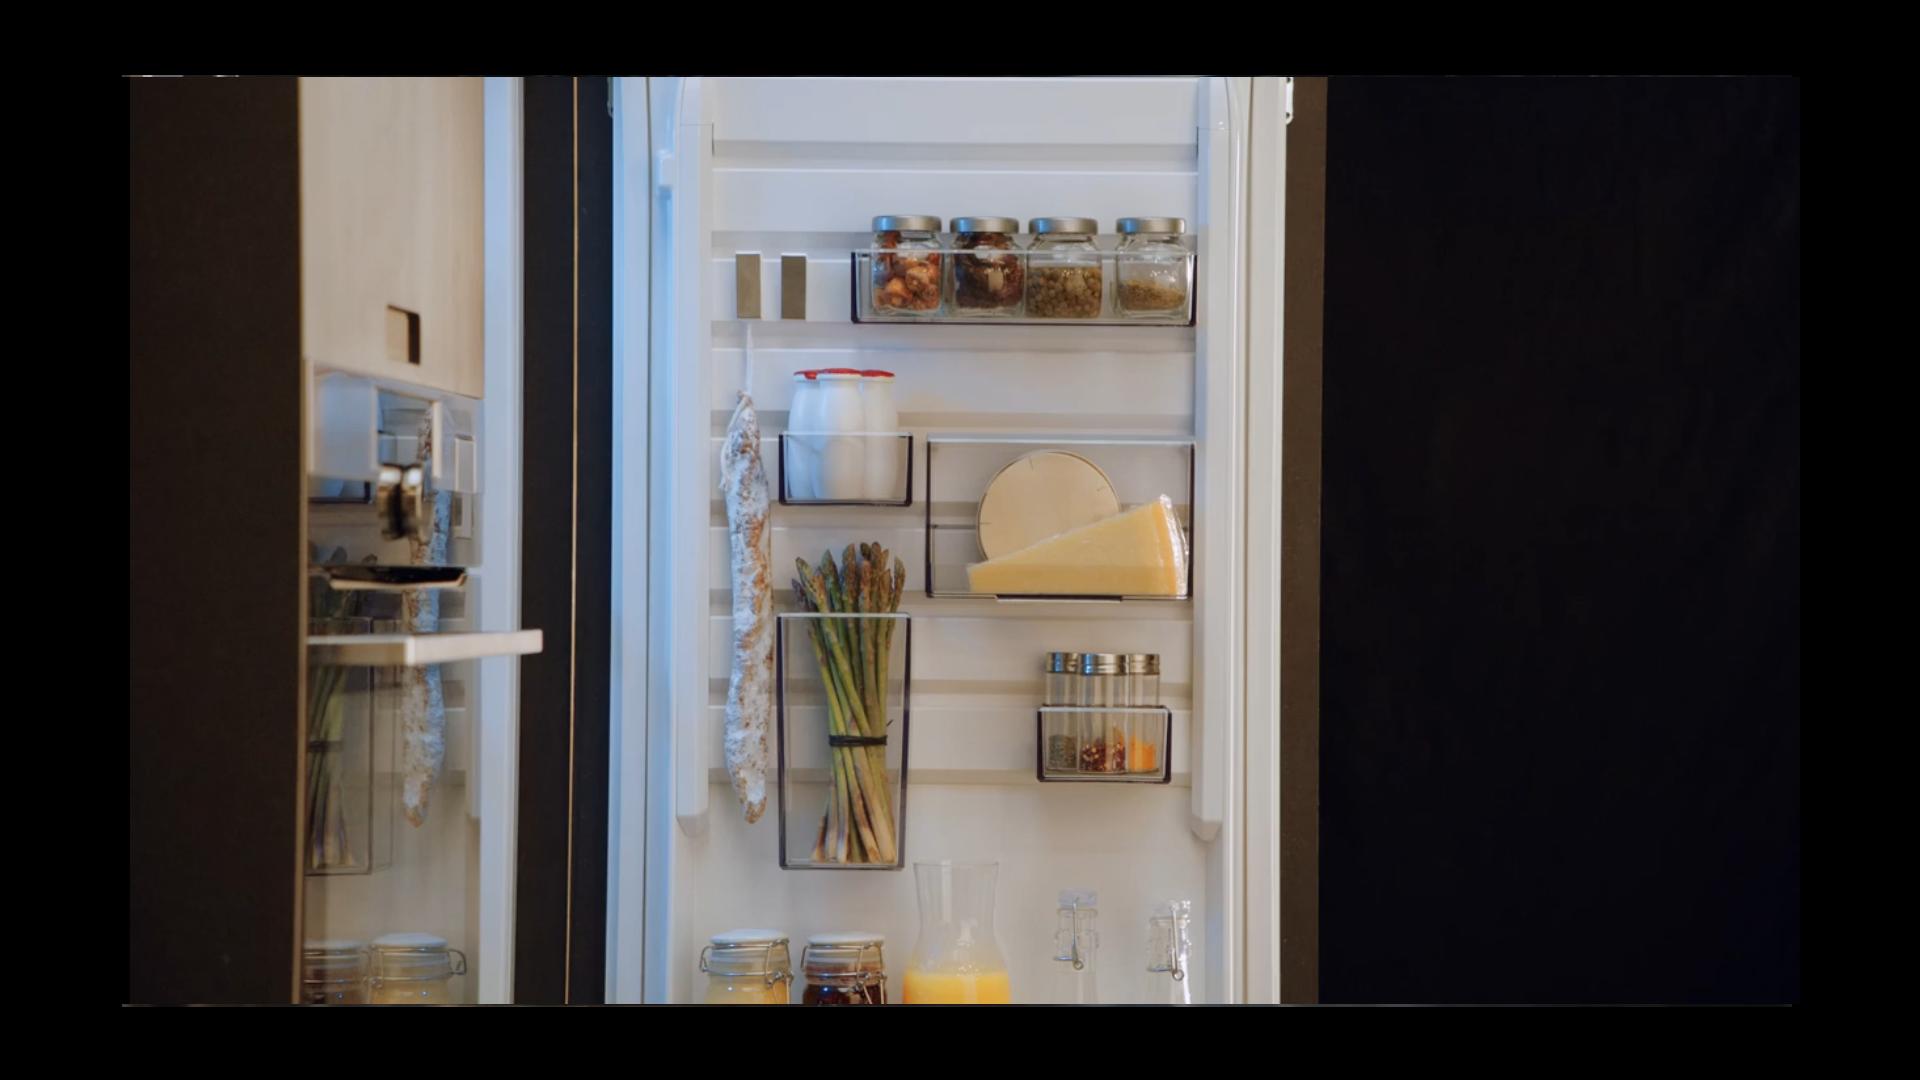 Aeg Kühlschrank Produktion : Aeg kühlschrank produktion aeg türscharnier kühlschrank rechts